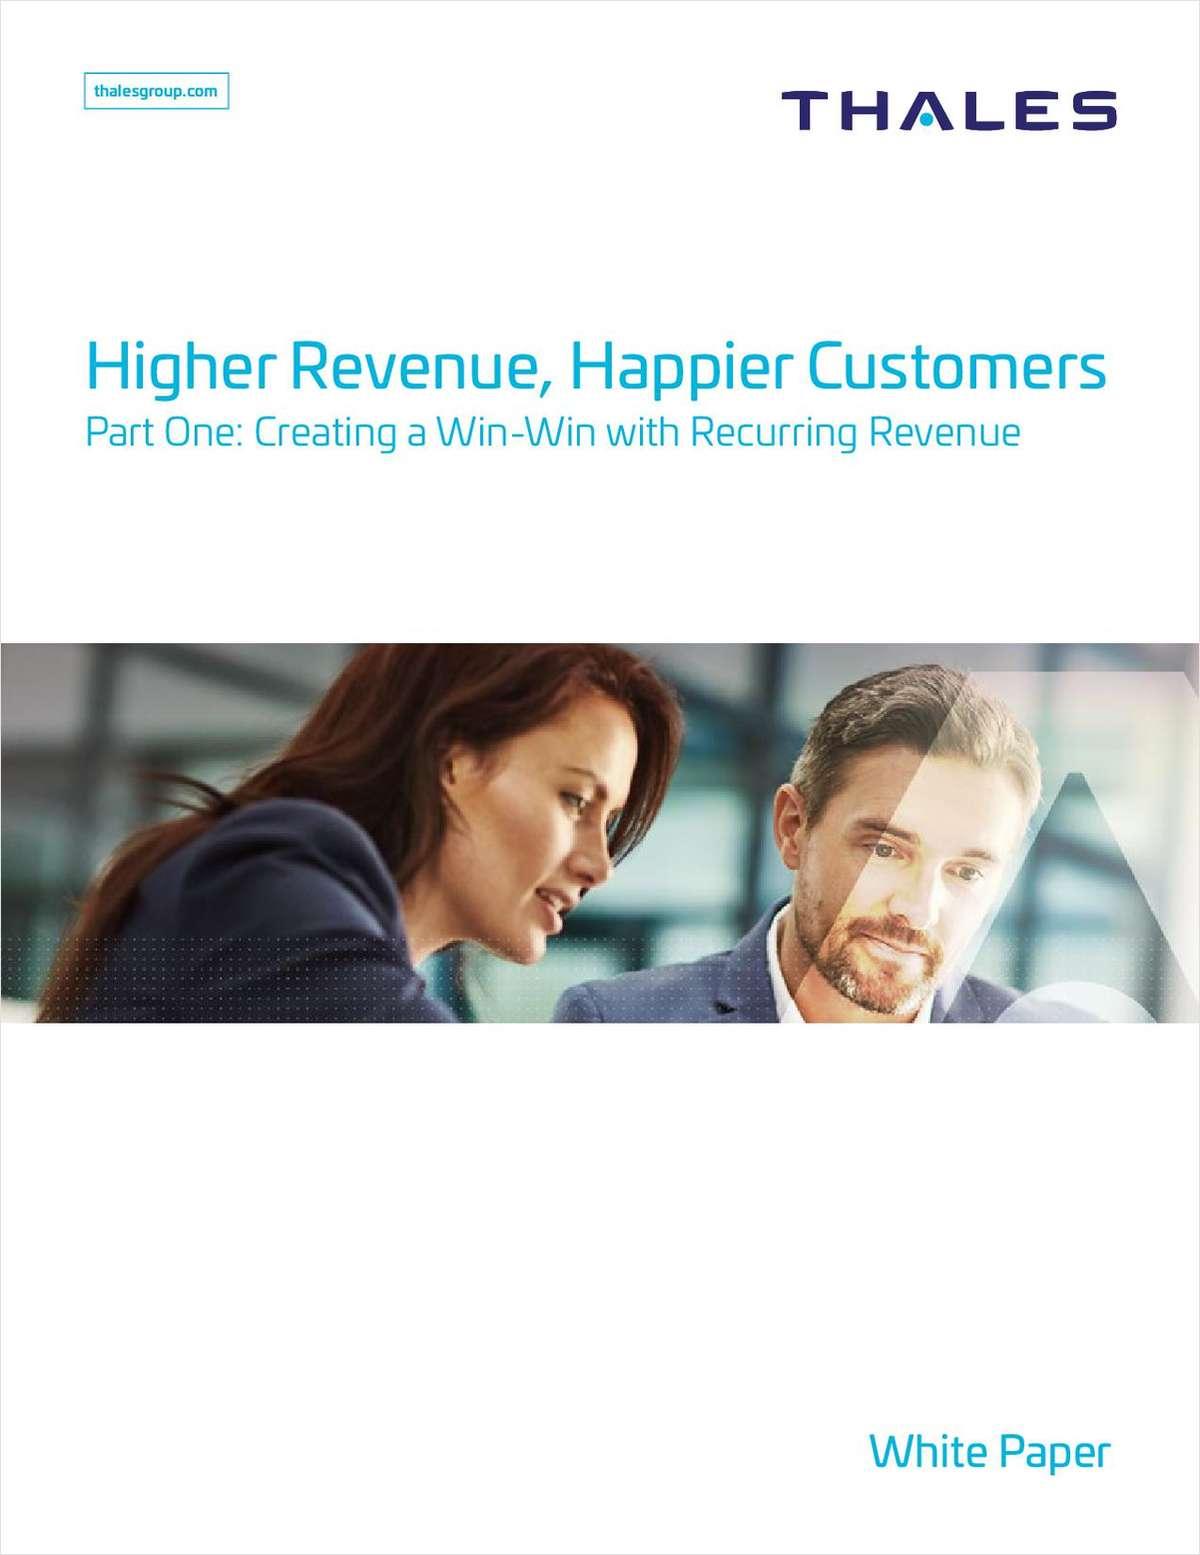 Higher Revenue......Happier Customers